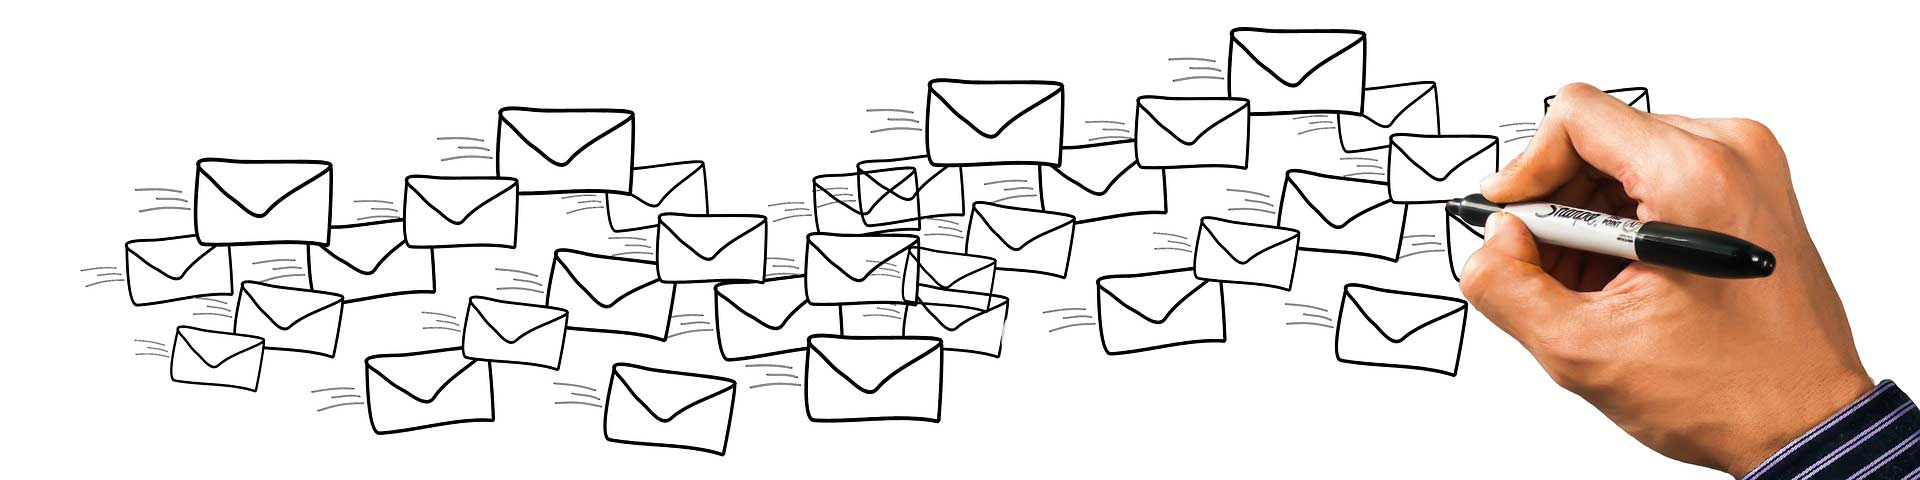 Send A Letter Demand Climate Action Elders Climate Action